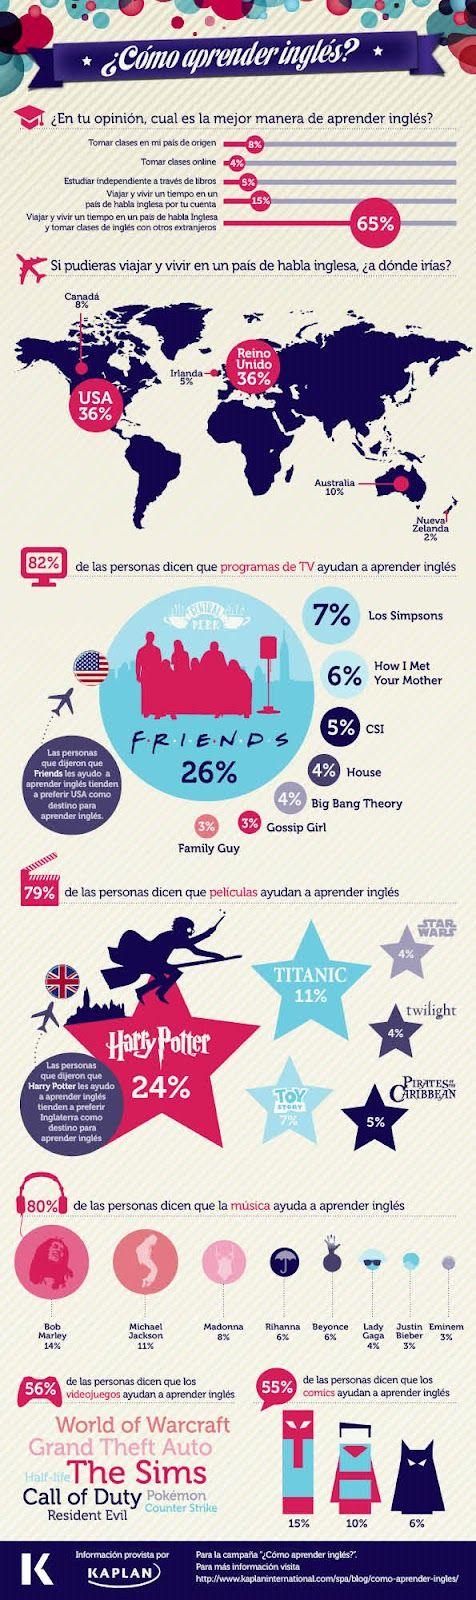 Infografia que muestra el mejor camino para aprender ingles correctamente